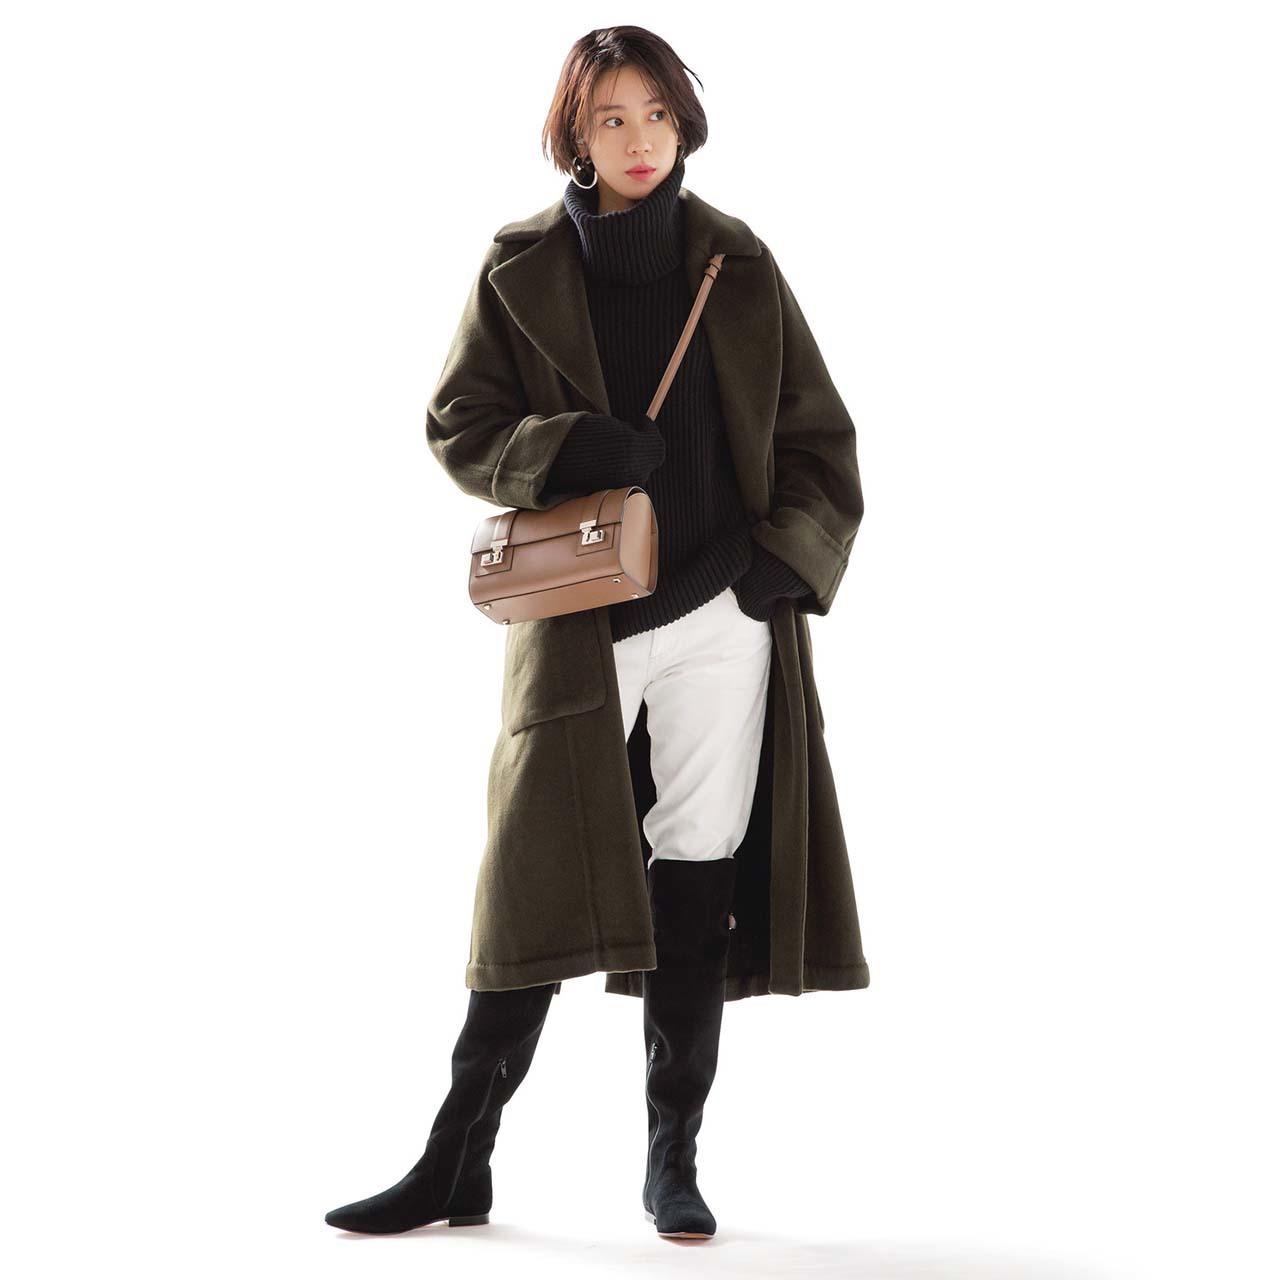 ロングブーツ×コート×白デニムパンツコーデを着たモデルの竹内友梨さん